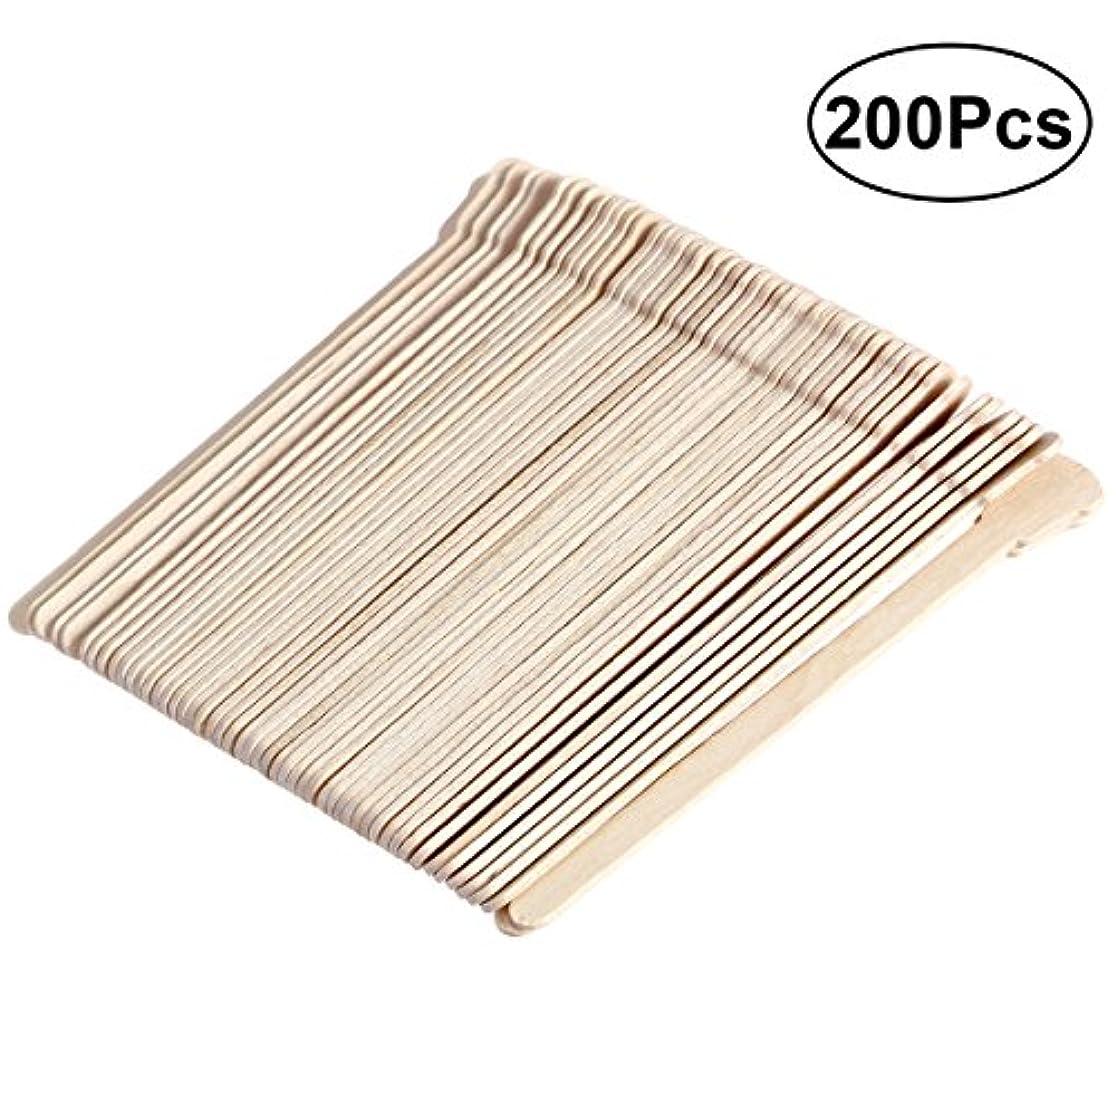 空港平凡サロンSUPVOX 200ピース木製ワックススティックフェイス眉毛ワックスへら脱毛(オリジナル木製色)